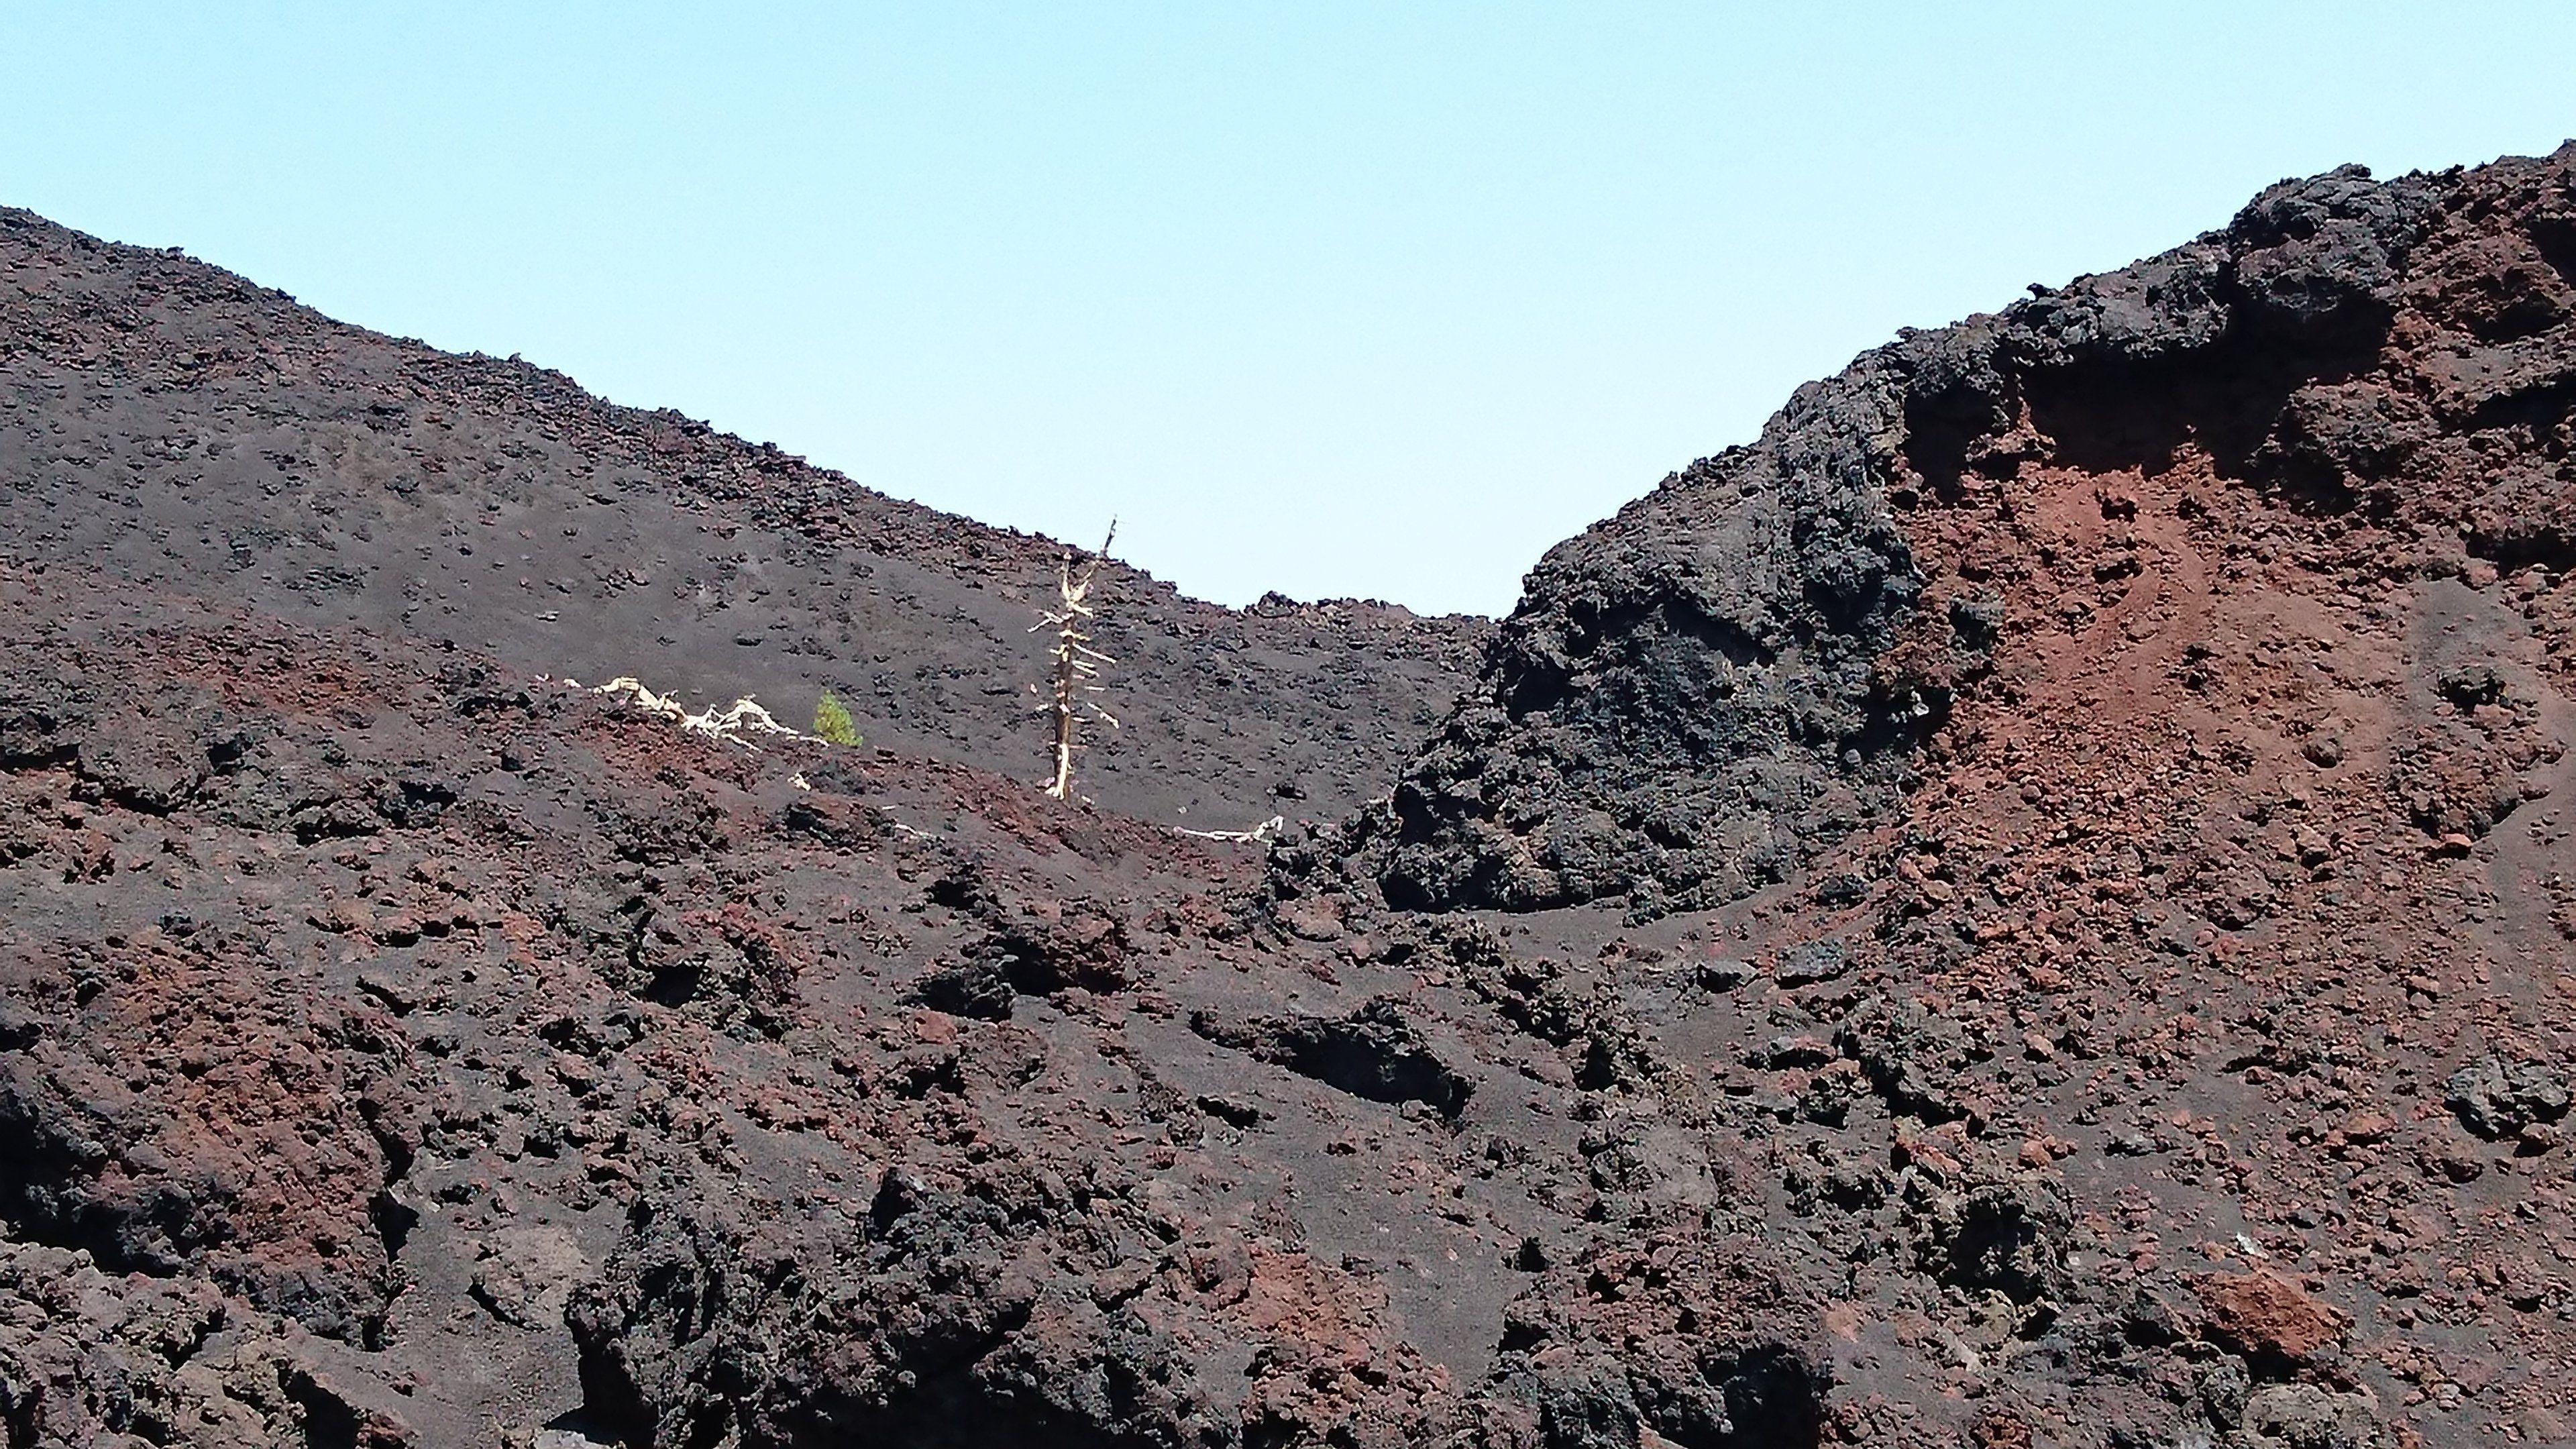 Freddo in quota anche in agosto. - Recensioni su Monte Etna, Catania - TripAdvisor